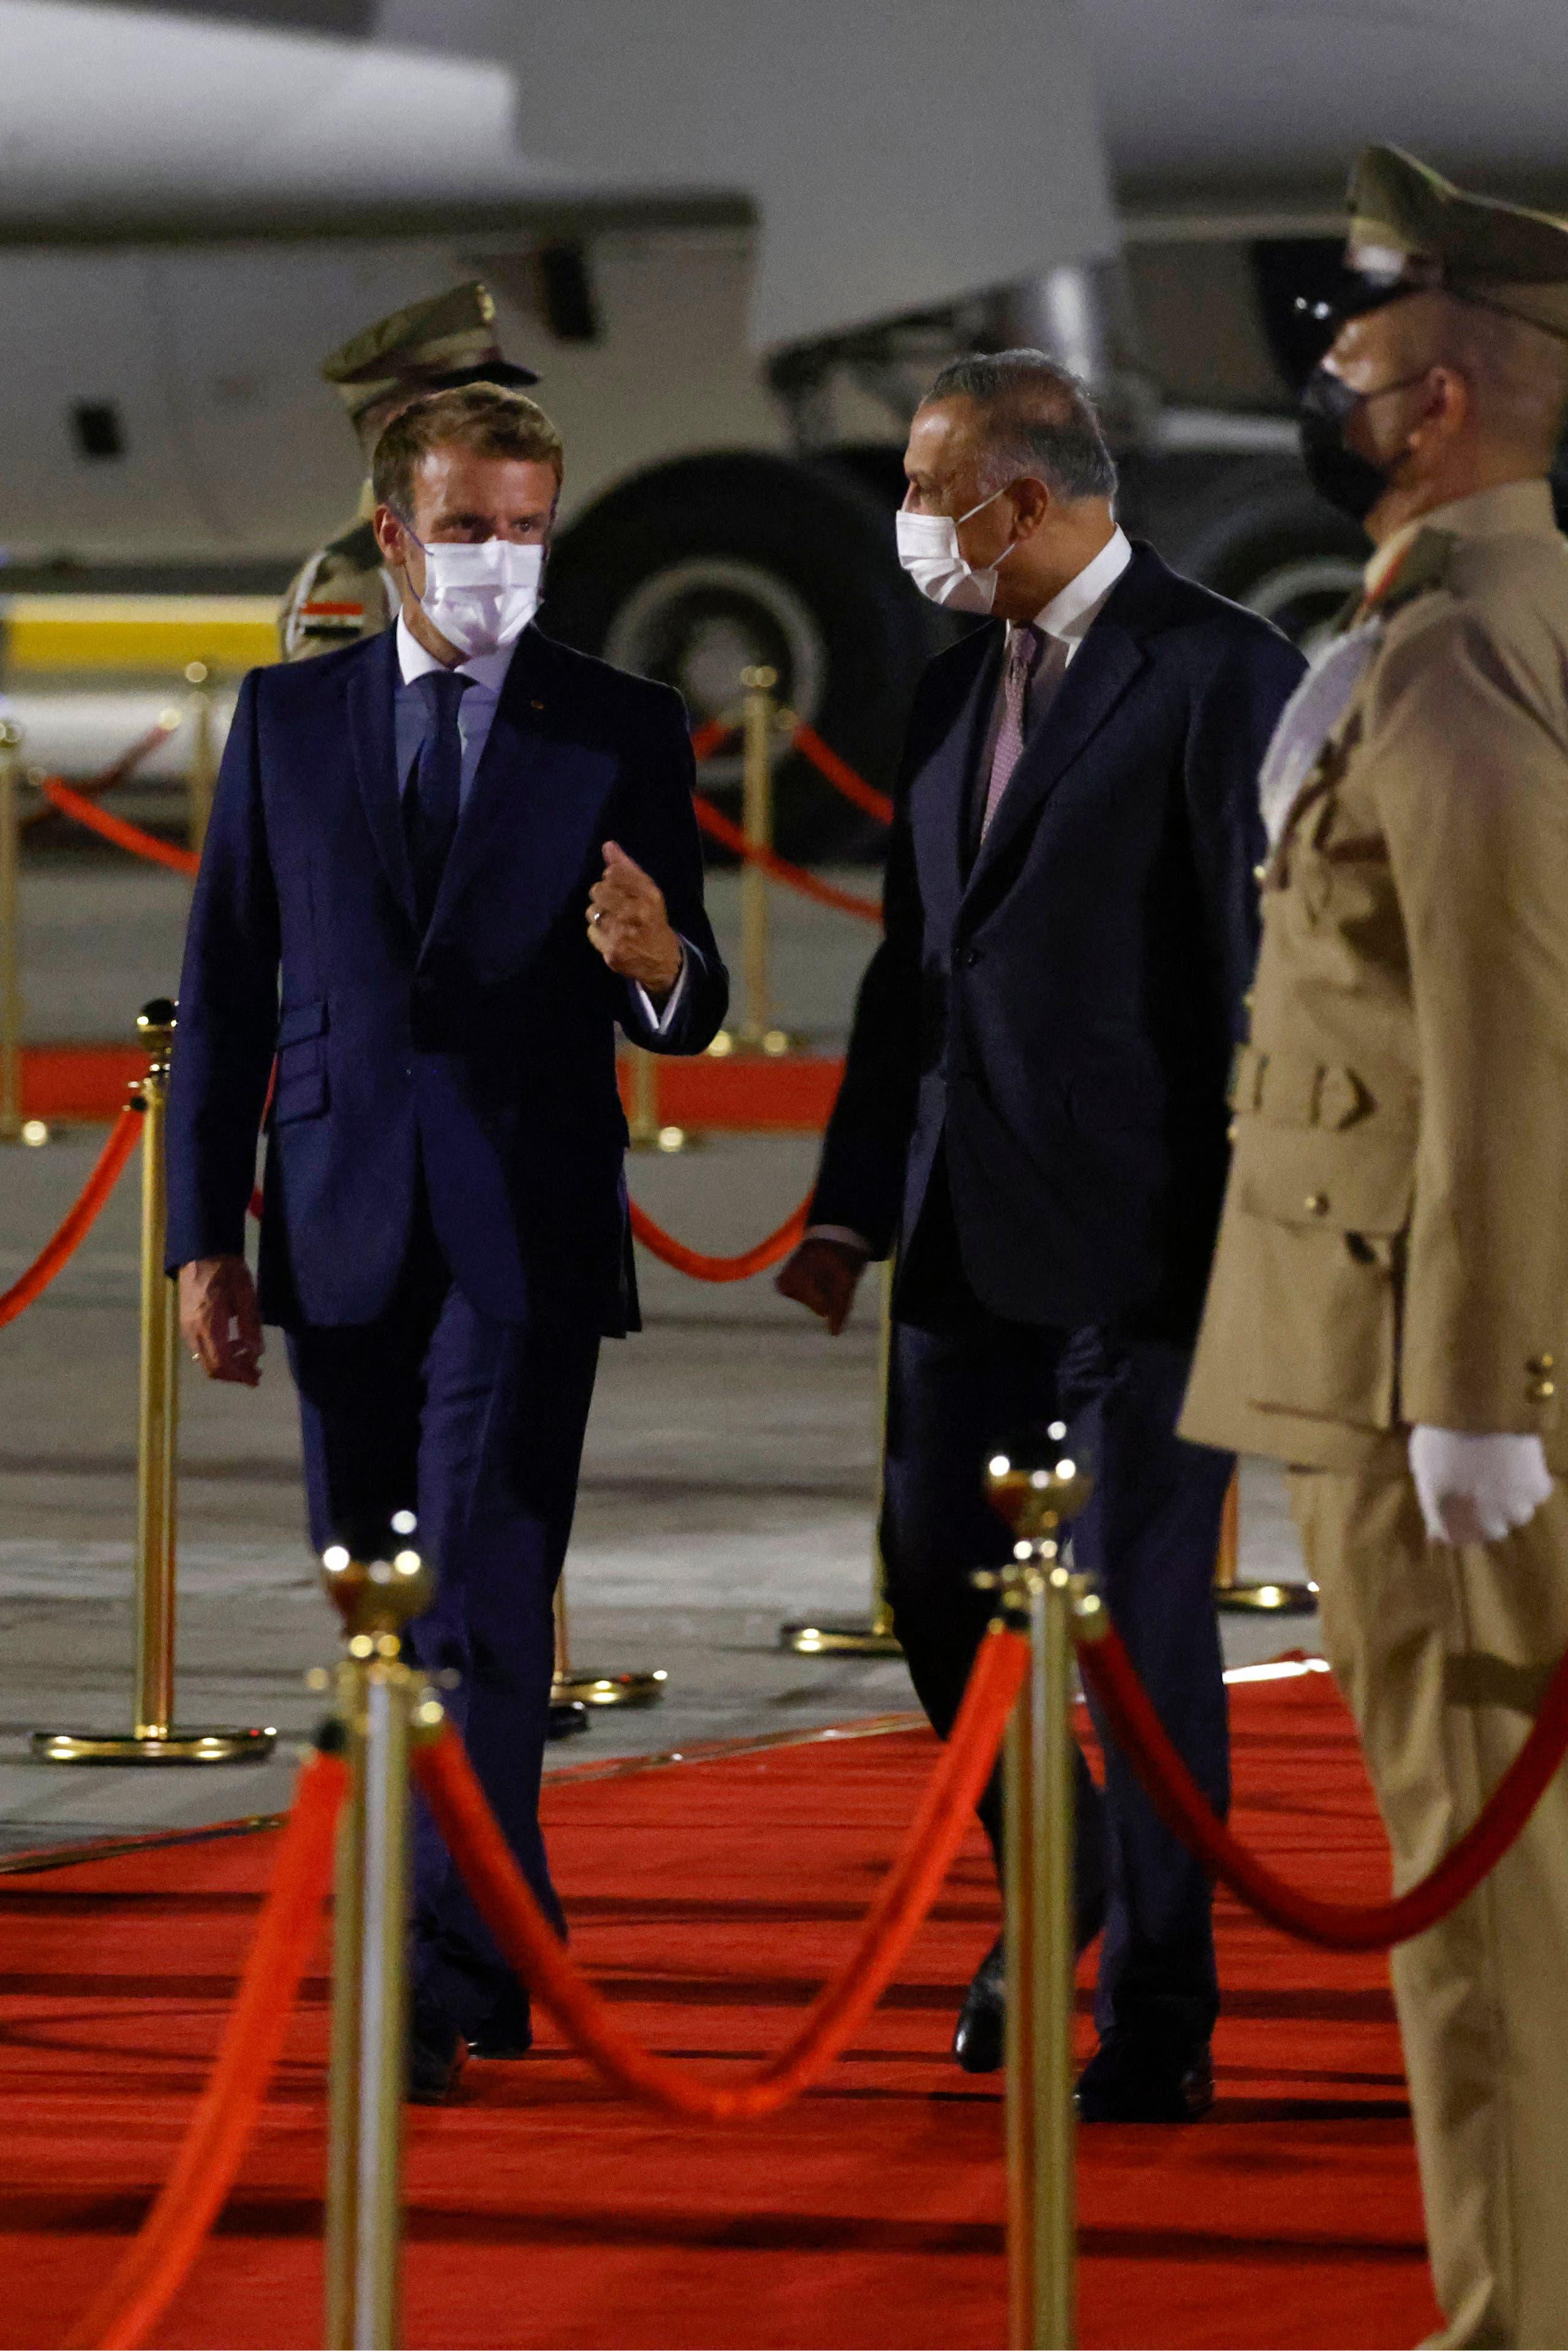 جانب من وصول الرئيس ماكرون إلى بغداد والكاظمي في استقباله